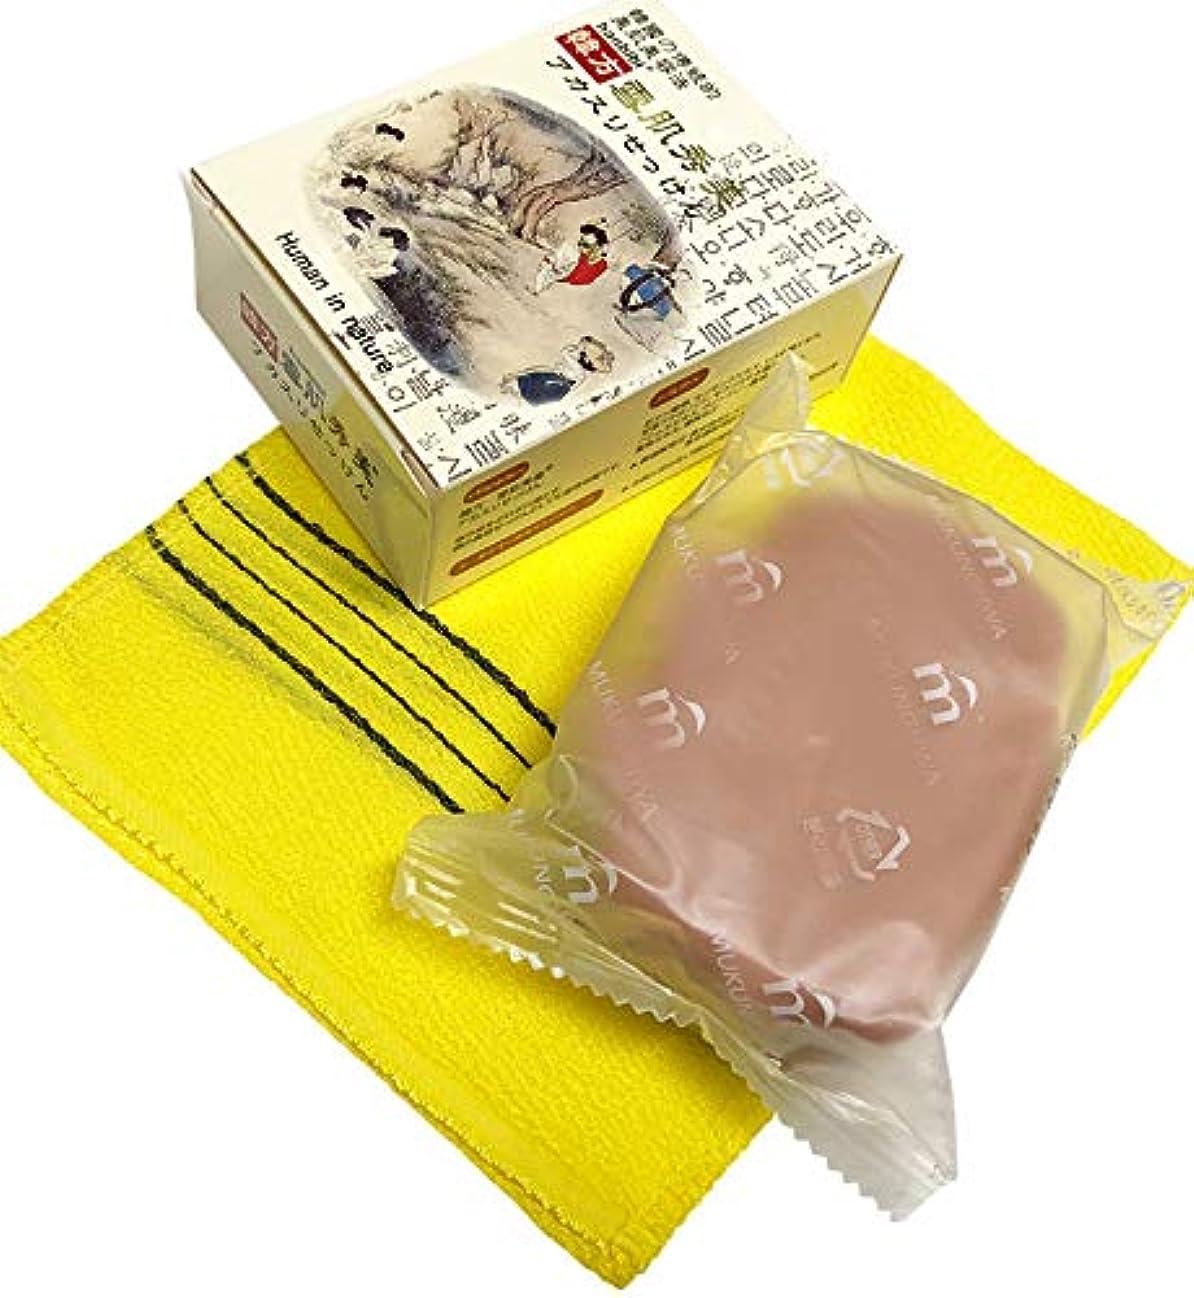 ファシズム延期するアクセント韓方[雪肌秀美]蜂蜜アカスリせっけん アカスリ専用タオル付き 体顔美容兼用